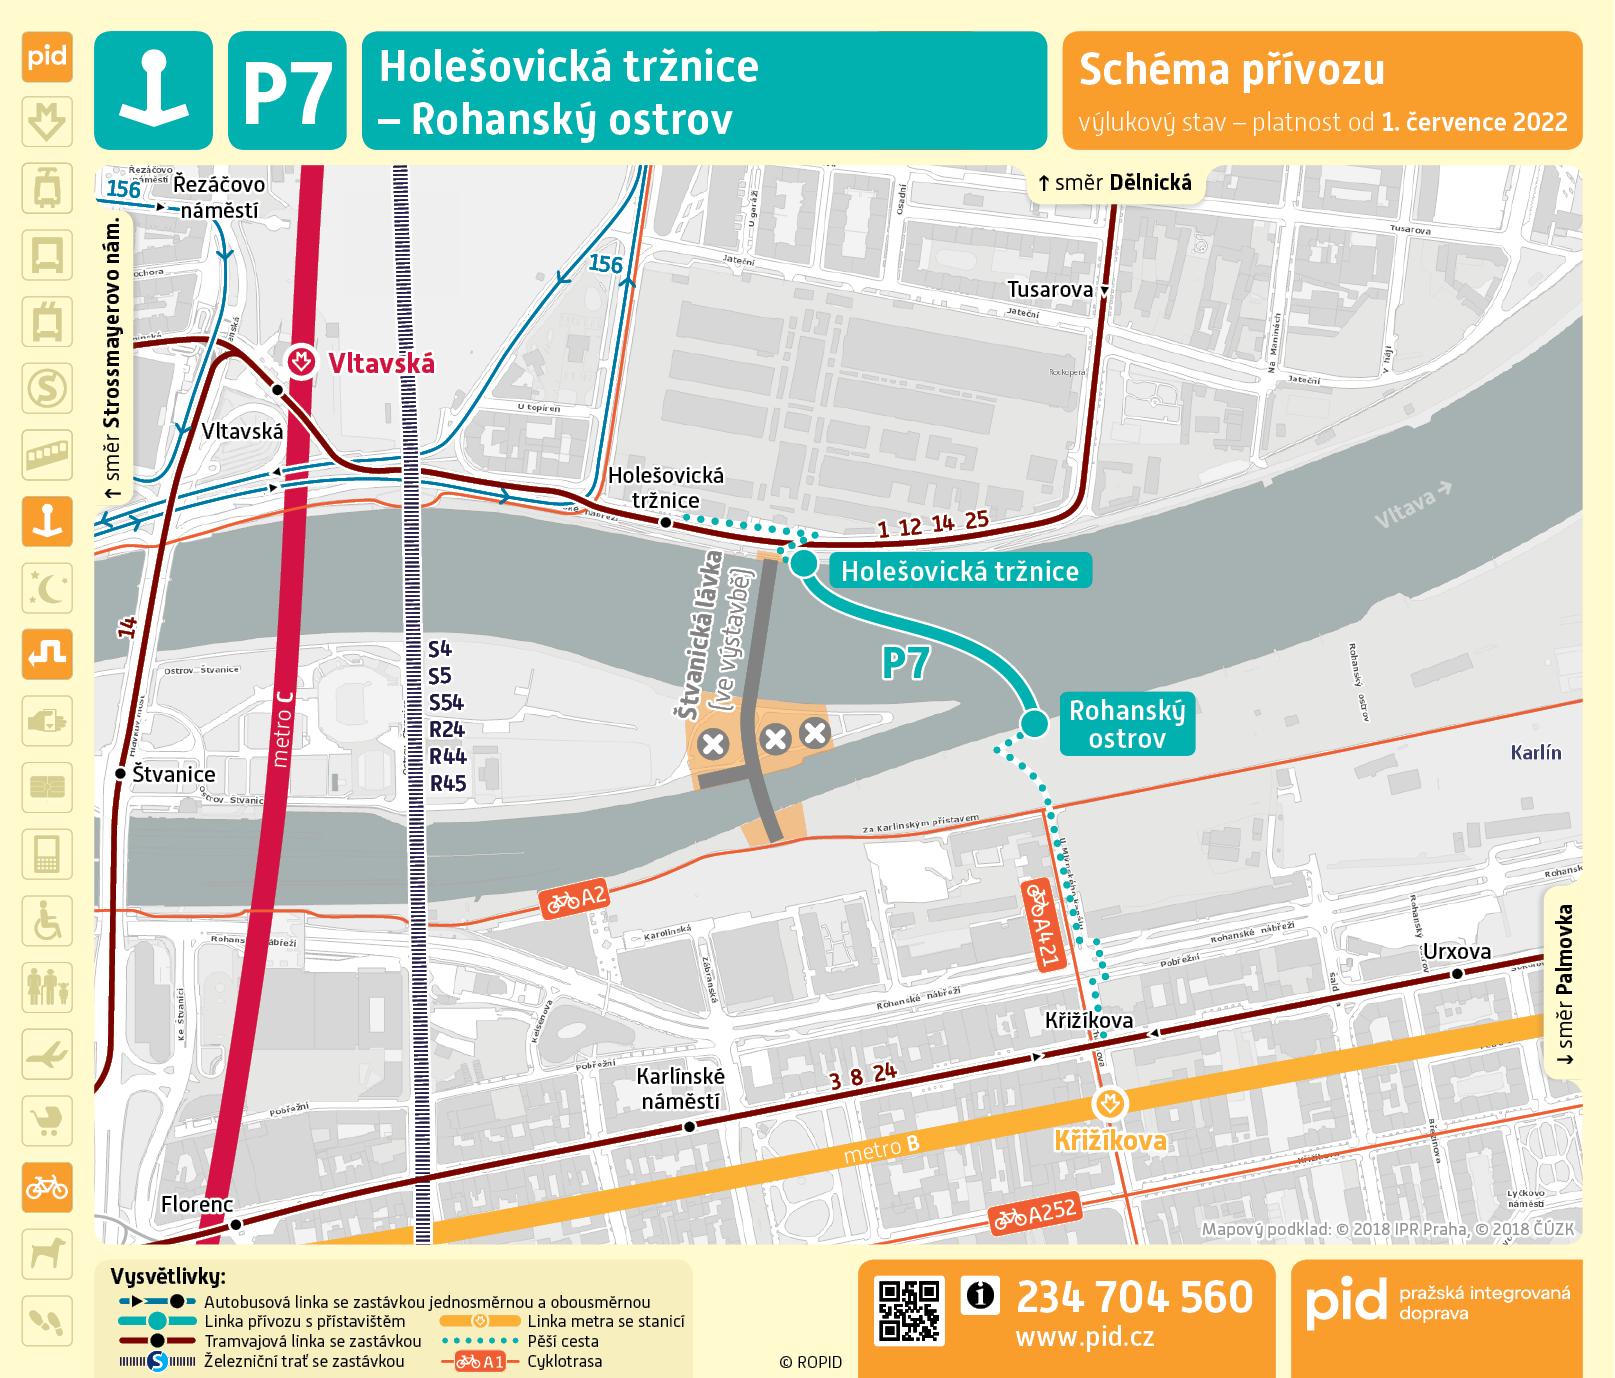 Mapa trasy přívozu P7